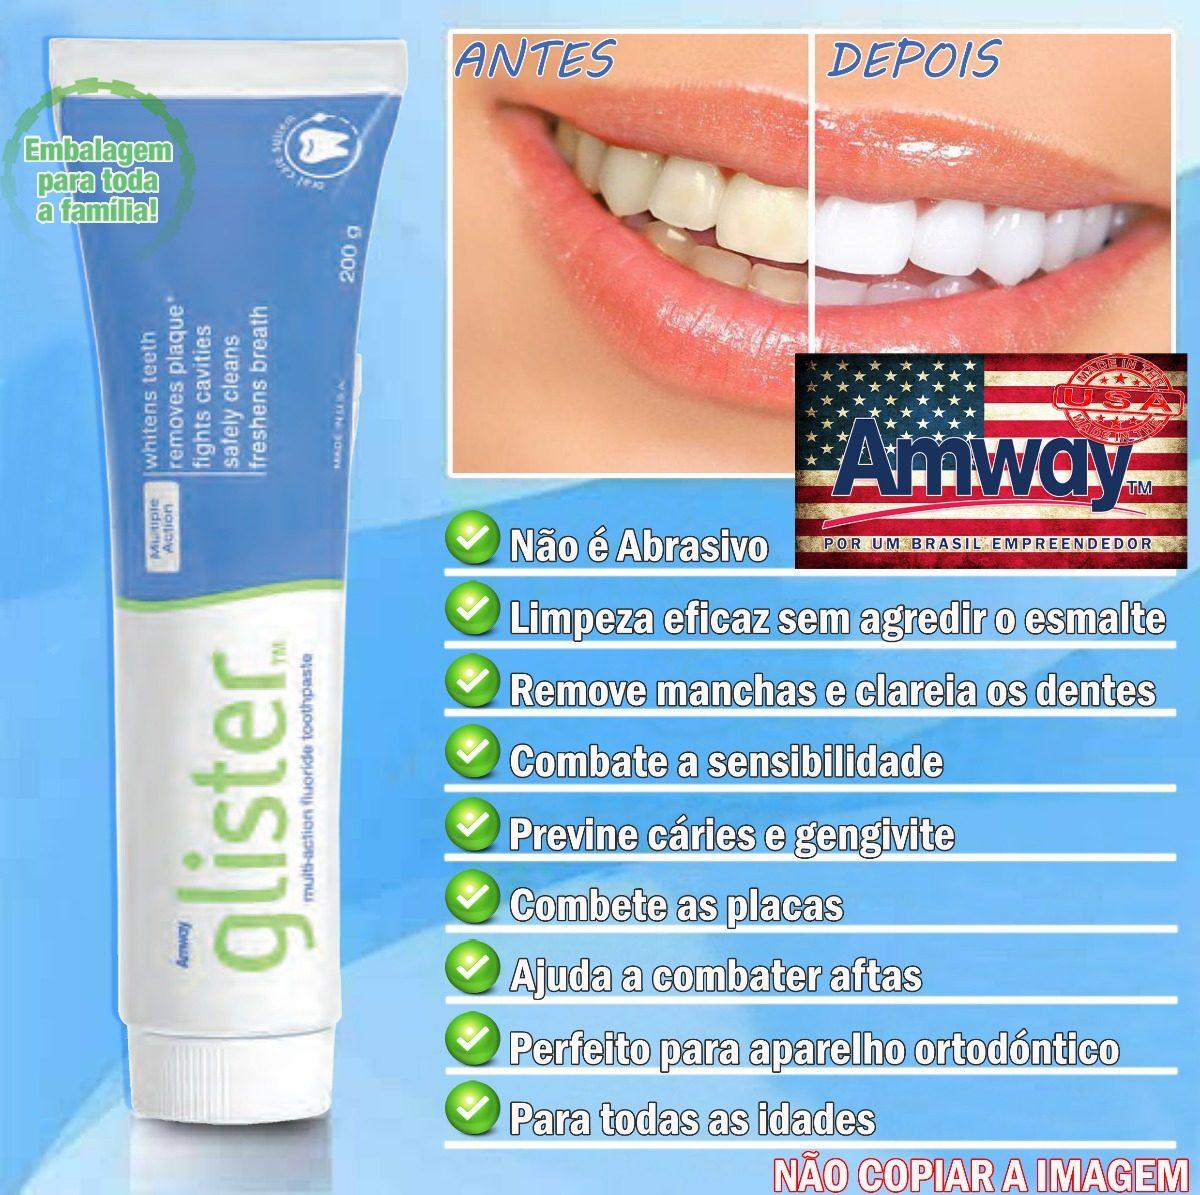 Melhor Creme Dental Do Mundo 100 Natural Glister Amway 5 Un R 115